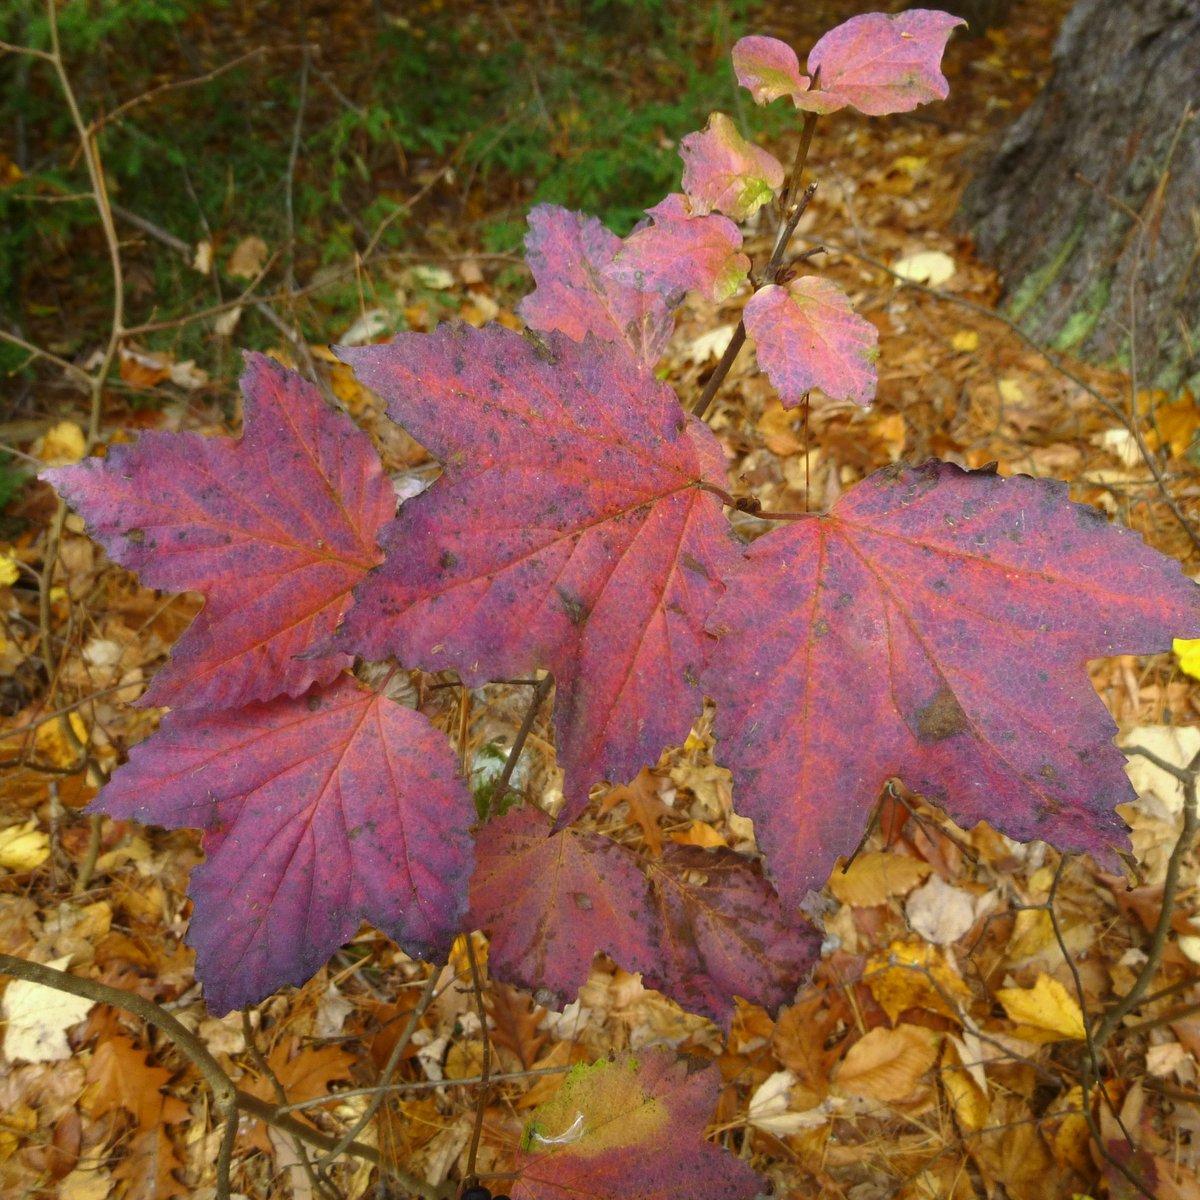 10. Maple Leaved Viburnum